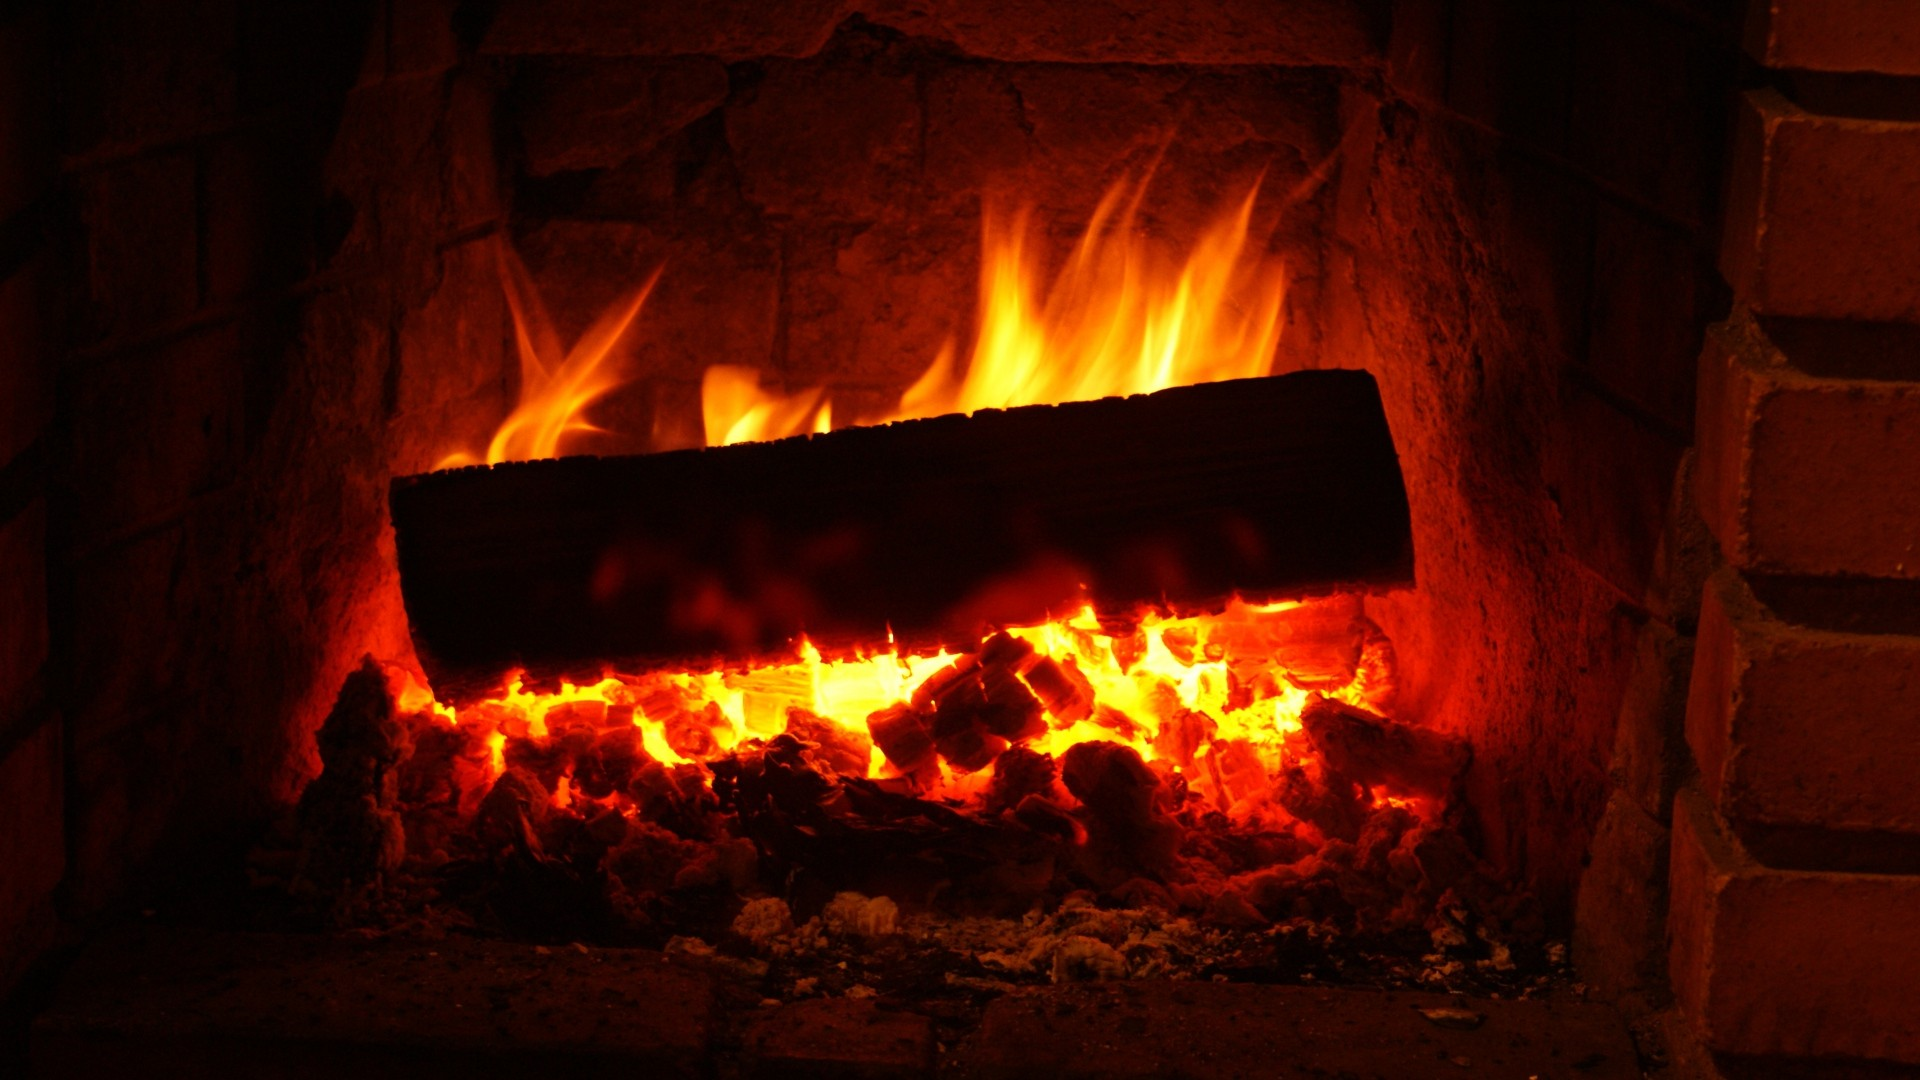 4k Hd Wallpaper Fire 4k Wallpaper Collections